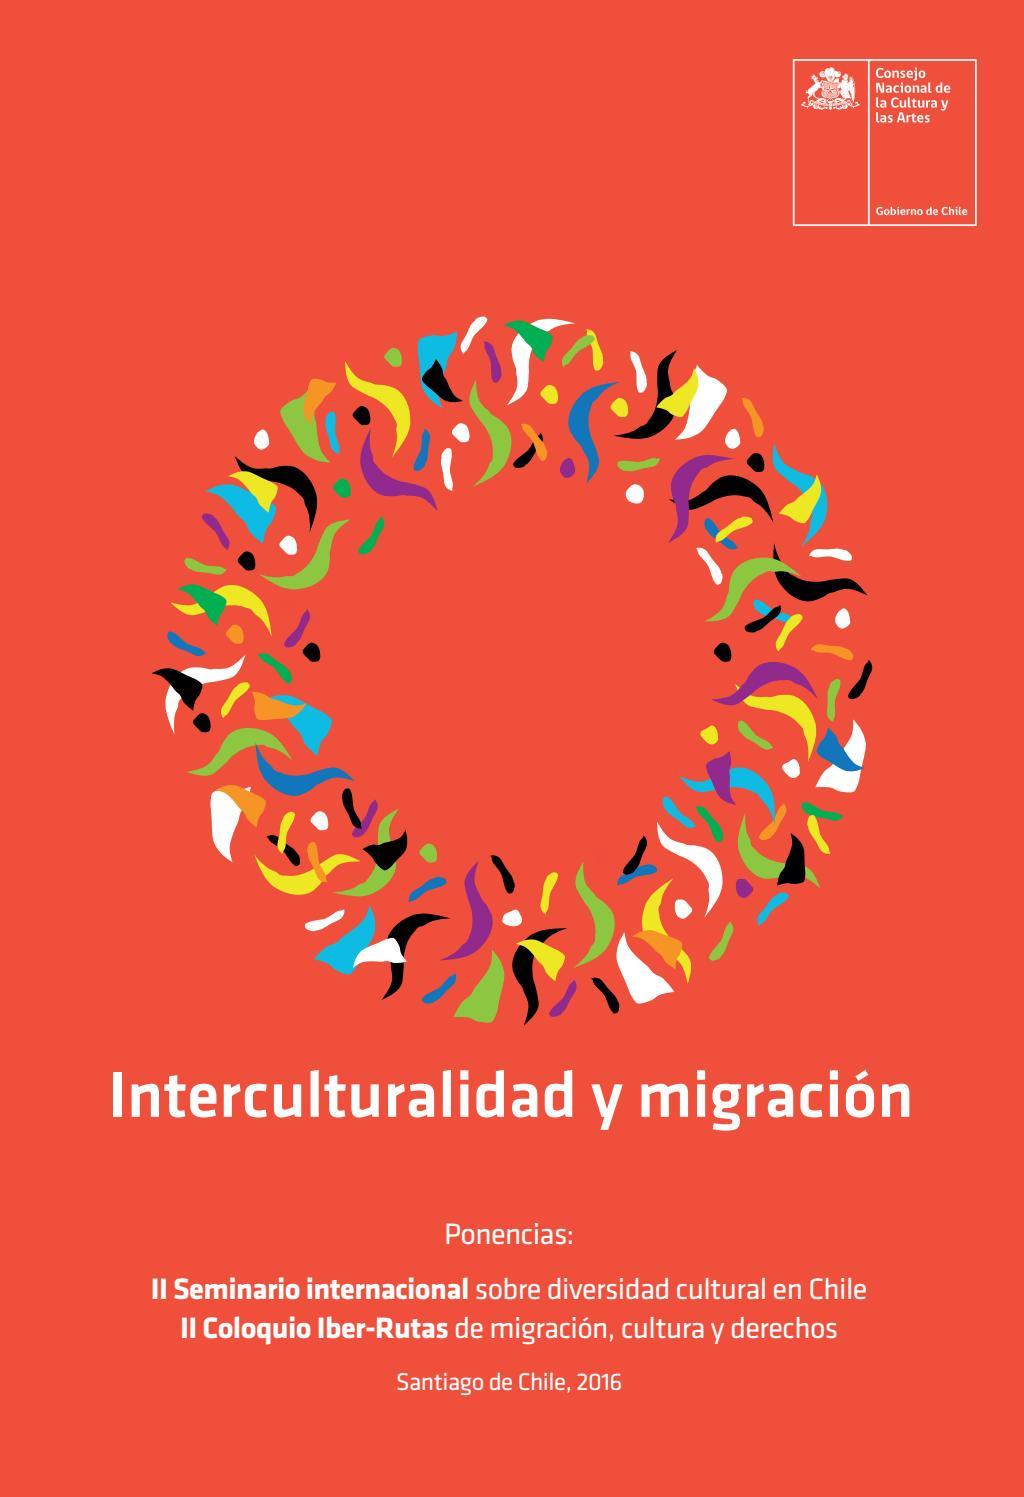 Interculturalidad y migración by Ministerio de las Culturas, las ...